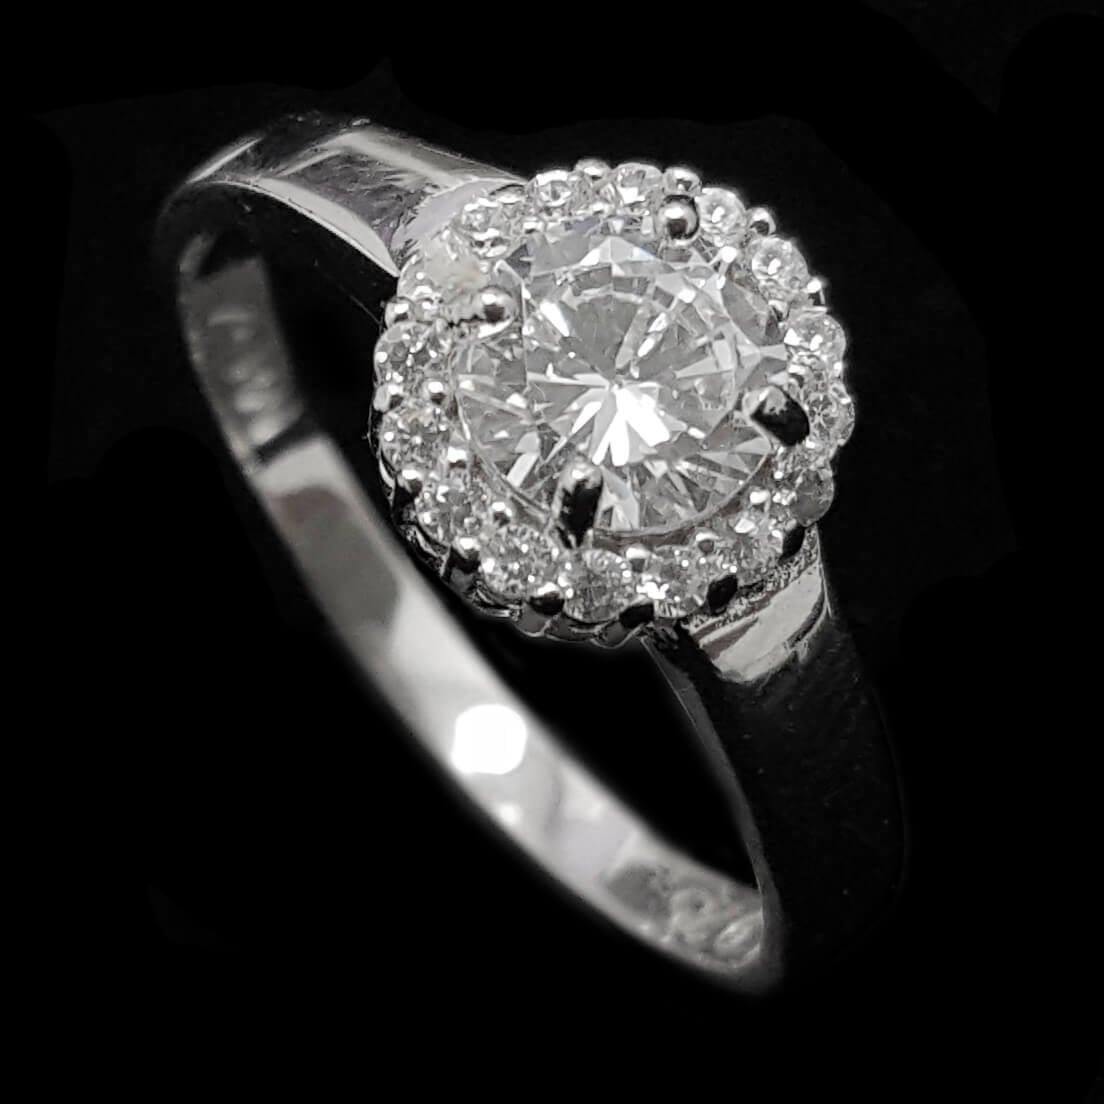 טבעת כסף משובצת זרקון סוליטר ואבני זרקון RG1525| תכשיטי כסף | טבעות כסף